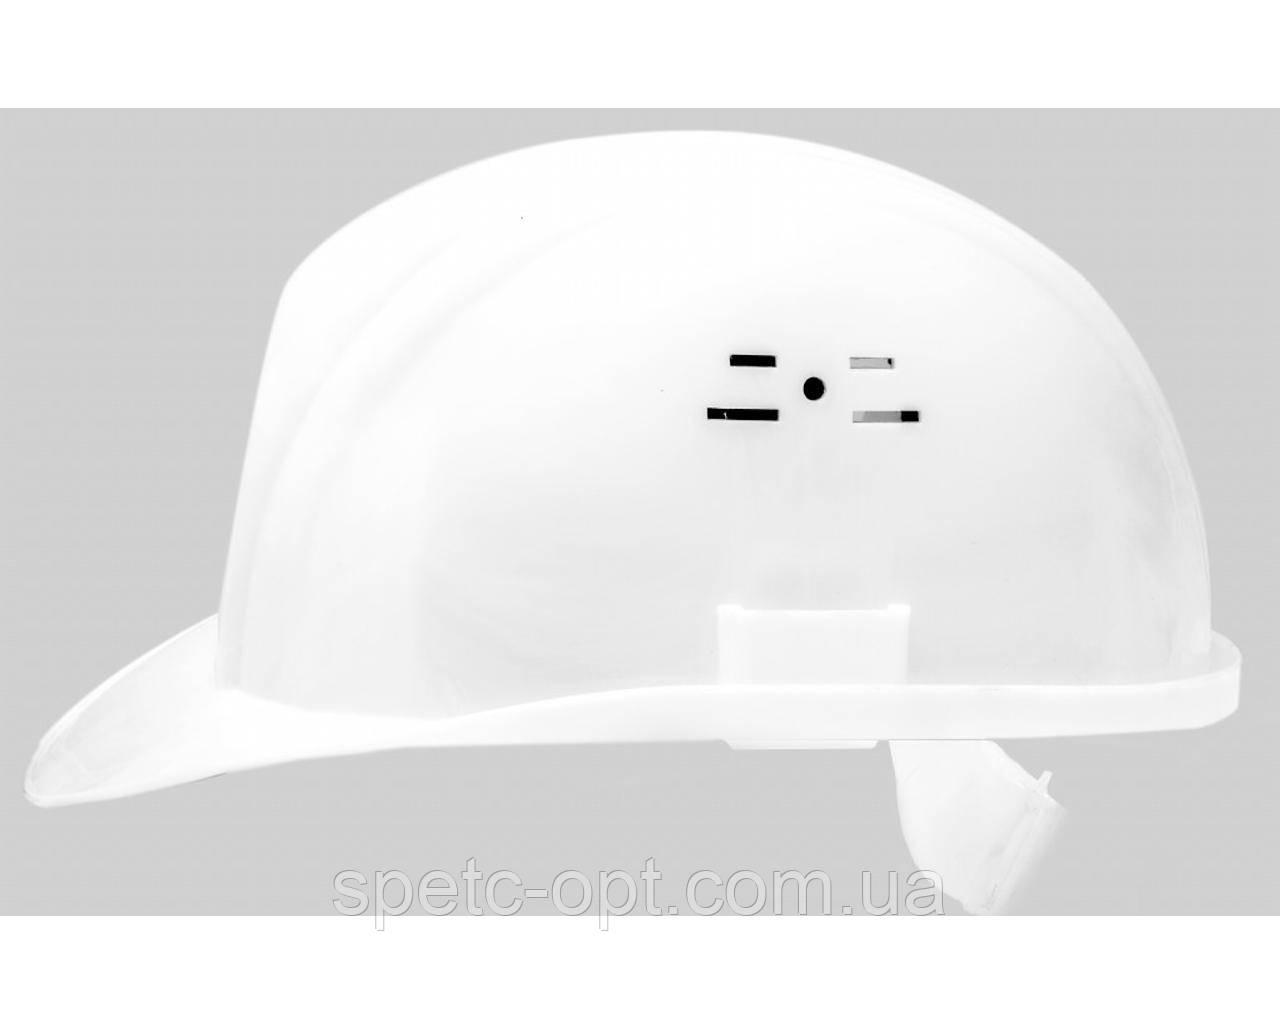 Каска строительная (белая). Каска защитная ИТР.